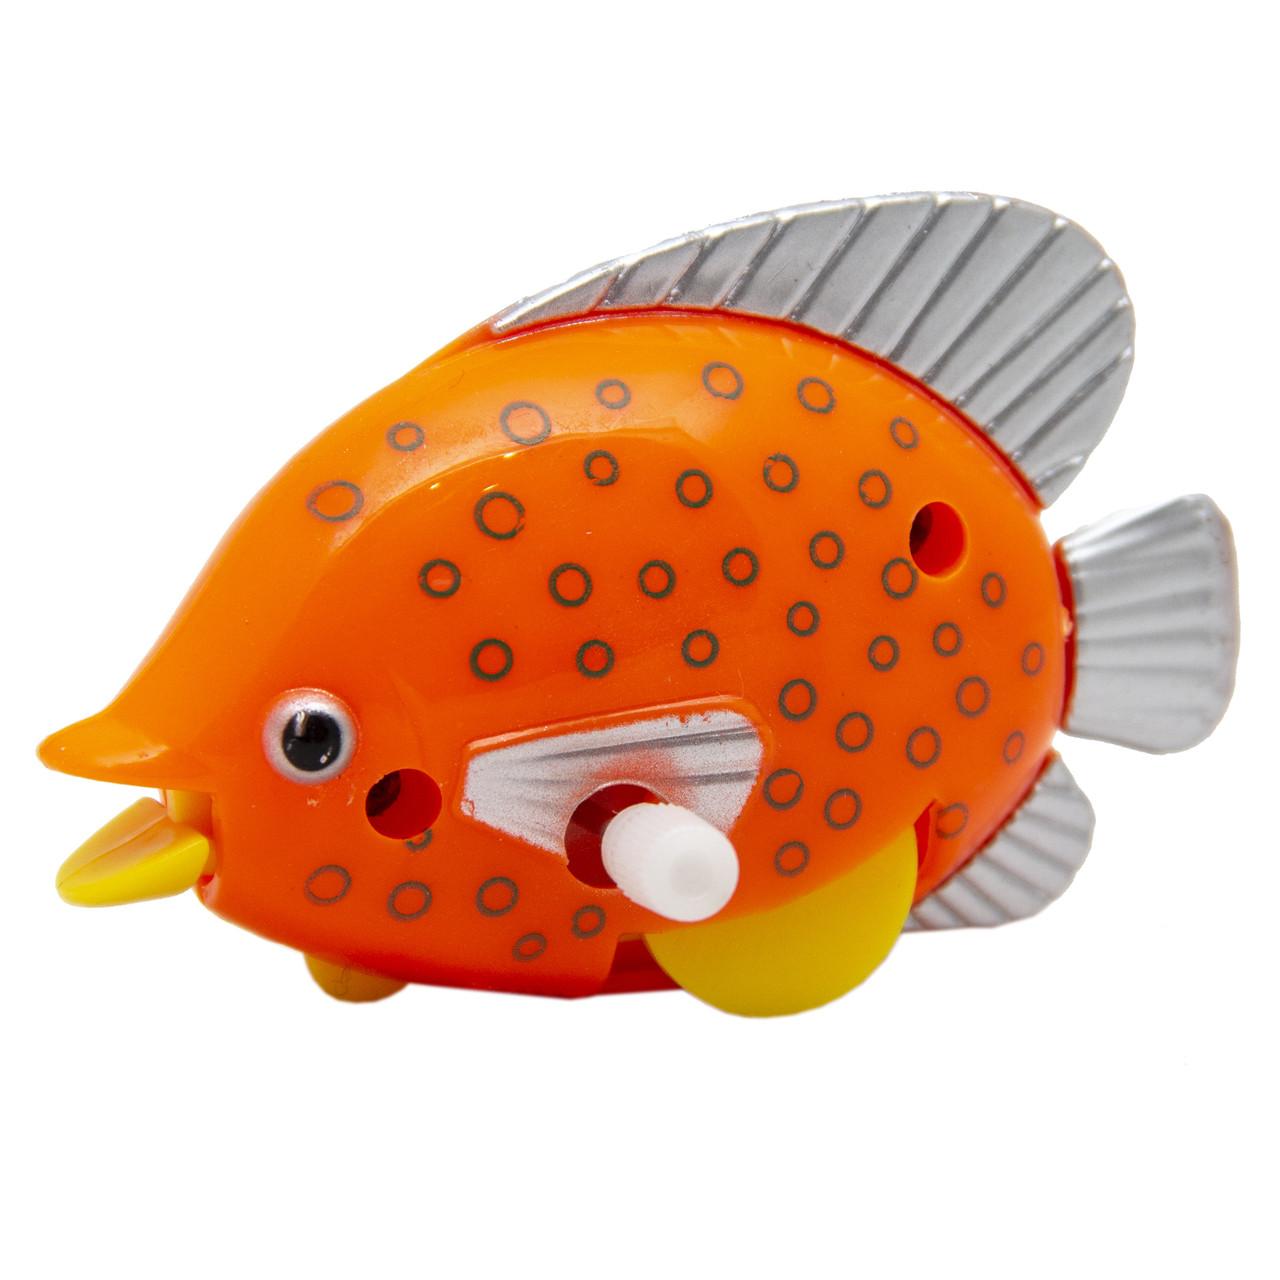 Іграшка заводна - рибка, 6,5 см, помаранчевий в горошок, пластик (8031A-3-5)